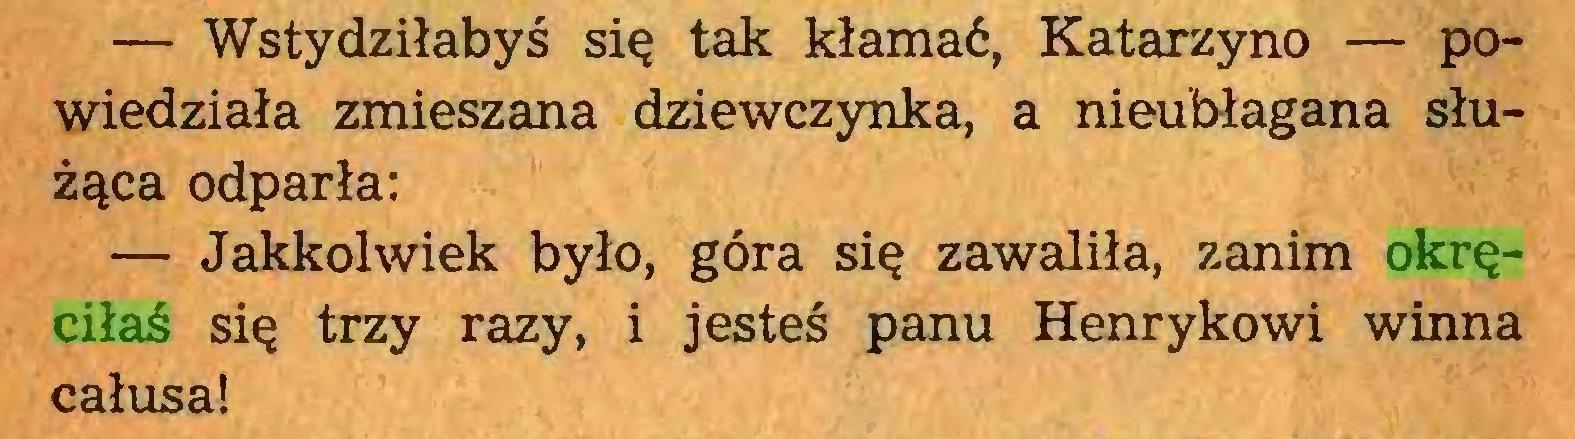 (...) — Wstydziłabyś się tak kłamać, Katarzyno — powiedziała zmieszana dziewczynka, a nieubłagana służąca odparła: — Jakkolwiek było, góra się zawaliła, zanim okręciłaś się trzy razy, i jesteś panu Henrykowi winna całusa!...